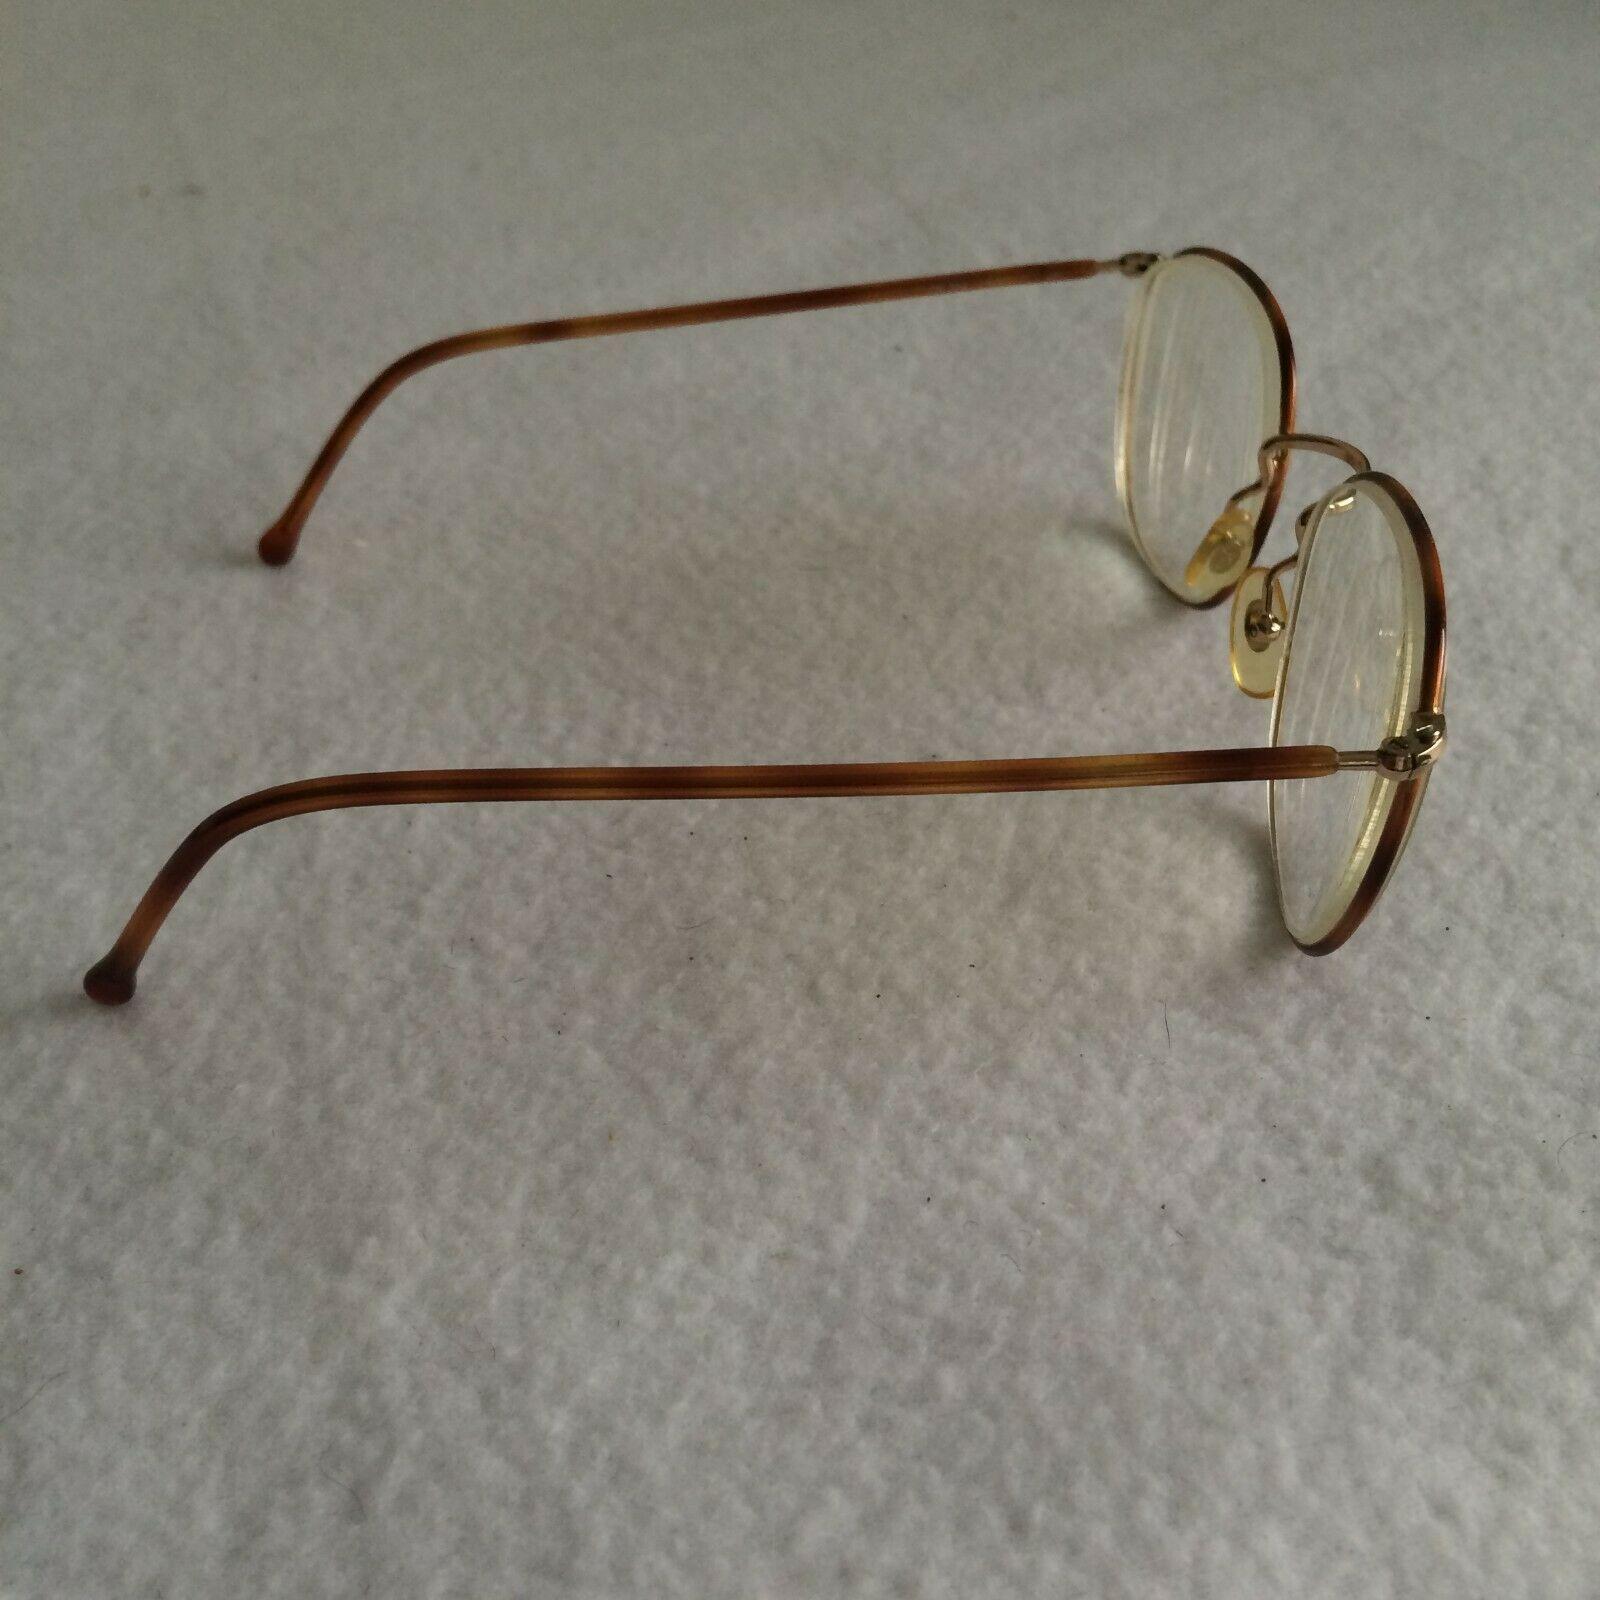 Calvin Klein Men's Eyeglass Frames CK304 Italy Tortoise Gold 52-20-140 + Case